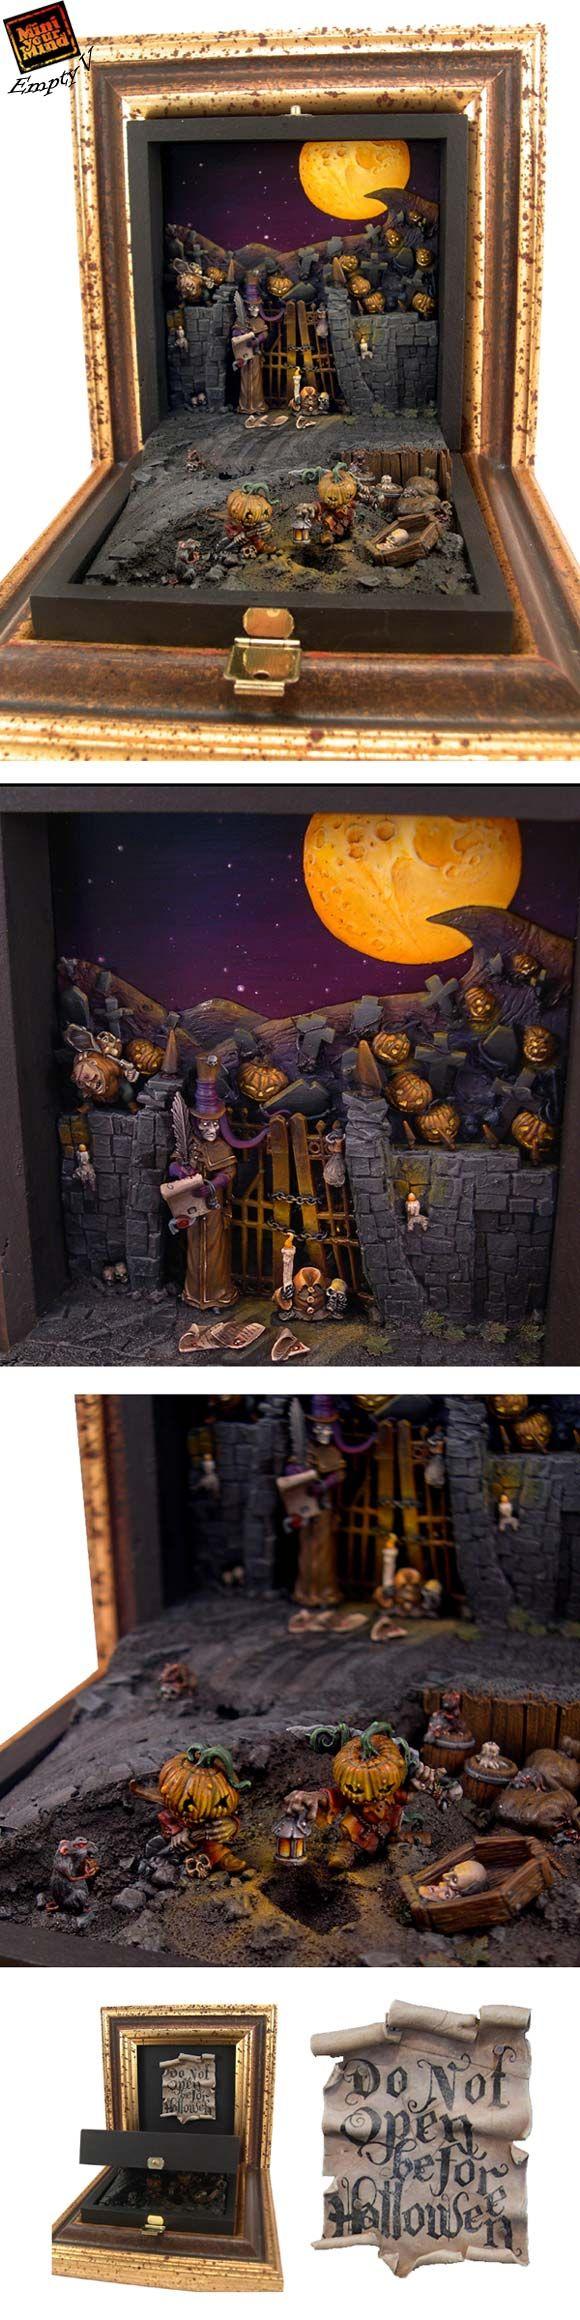 Do not open before Halloween - focus on both big scene